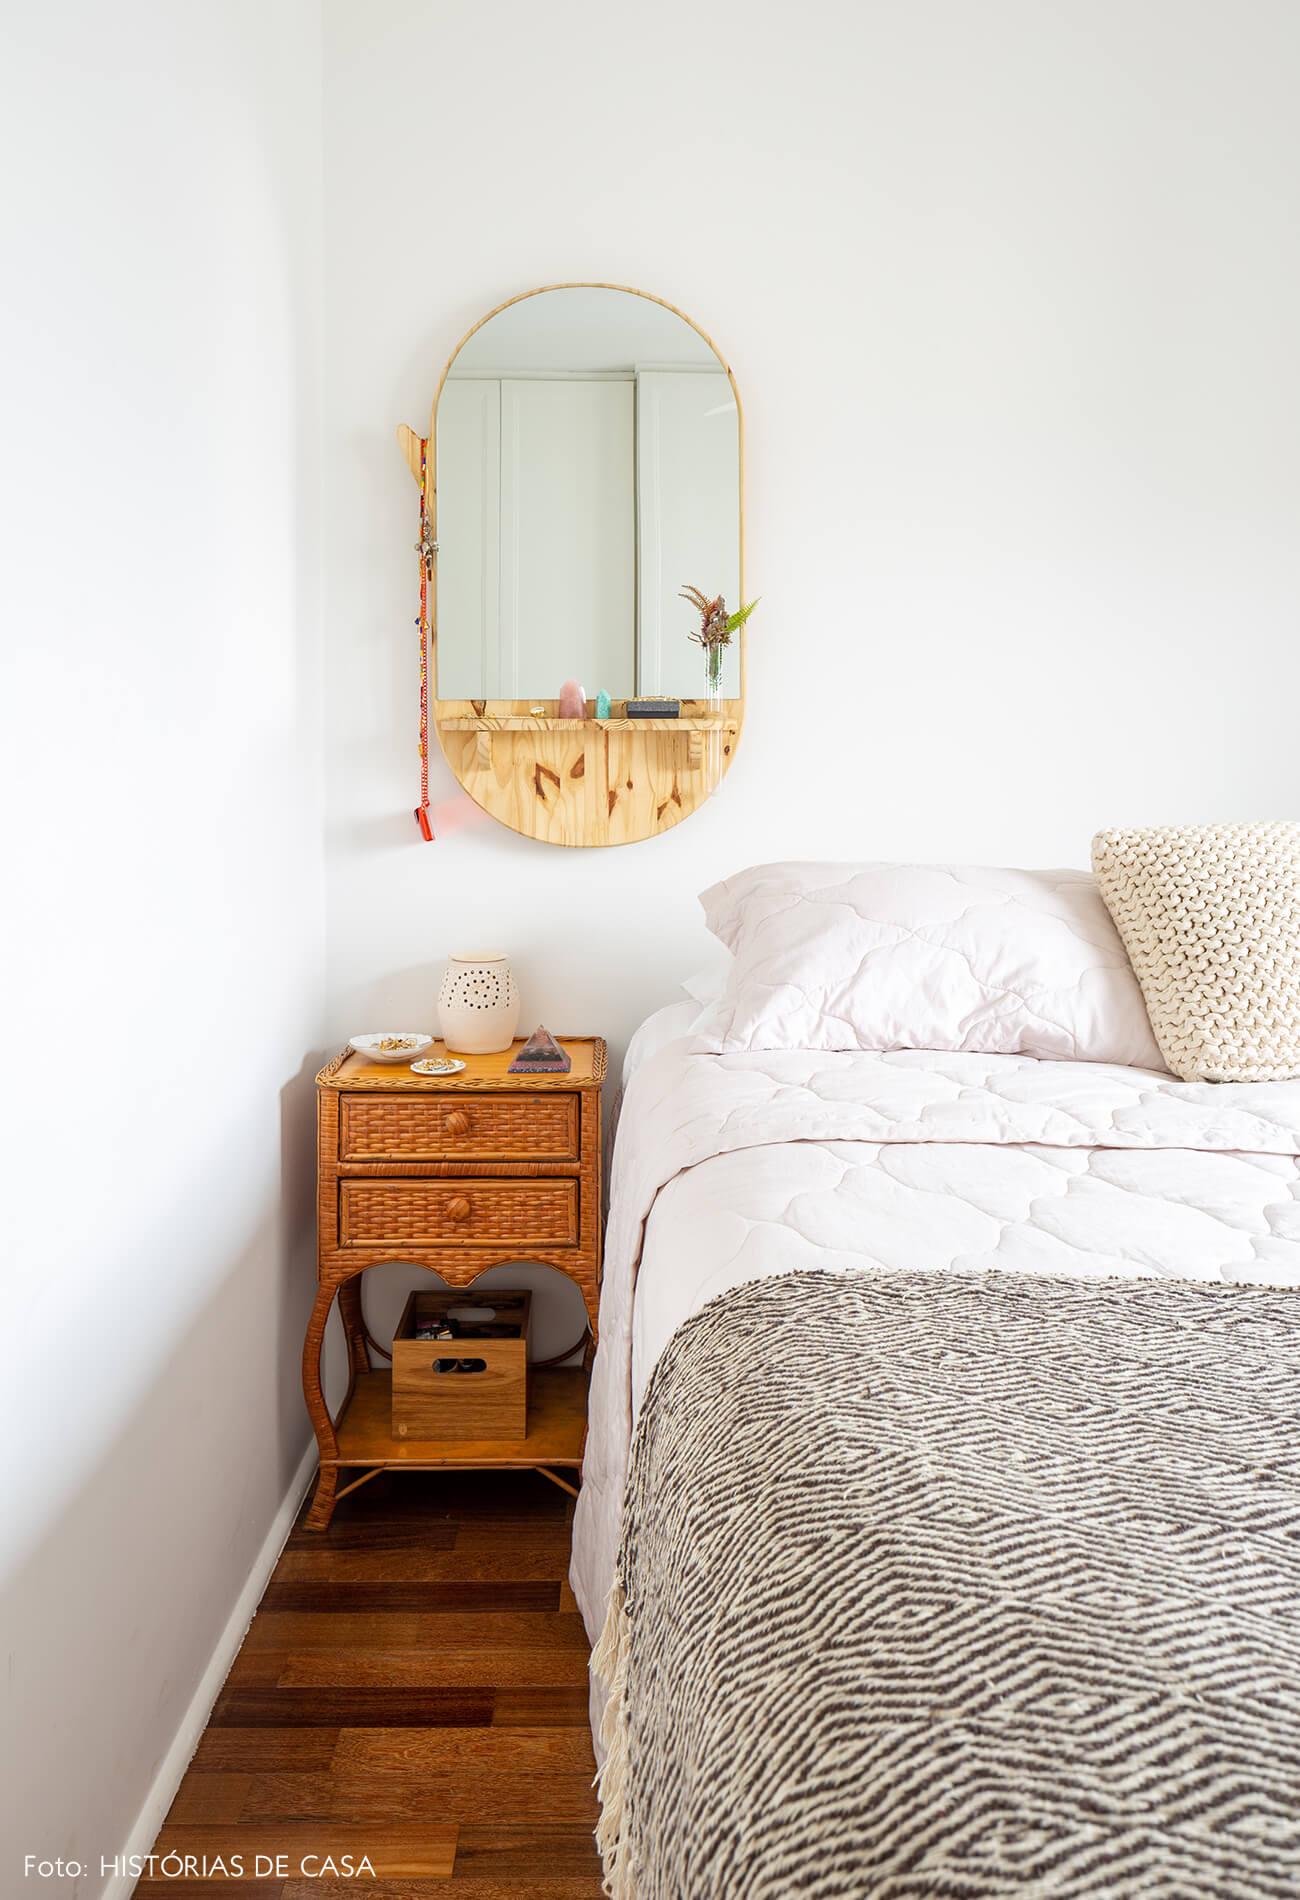 quarto-com-espelho-de-madeira